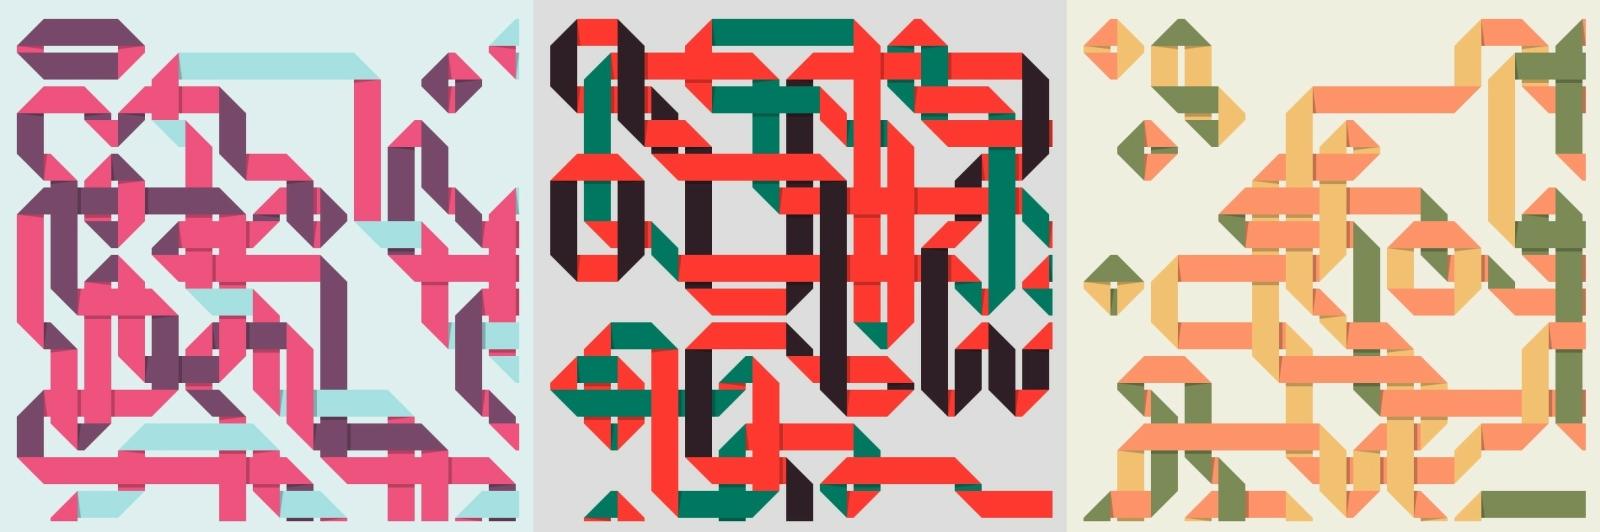 """""""Ribbon Lattice"""", i ulike utgaver etter å ha lasta koden flere ganger. Alle kunstverkene har en grad av tilfeldighet i seg, så to stykker aldri blir like. 📸: Kjetil M. Golid"""